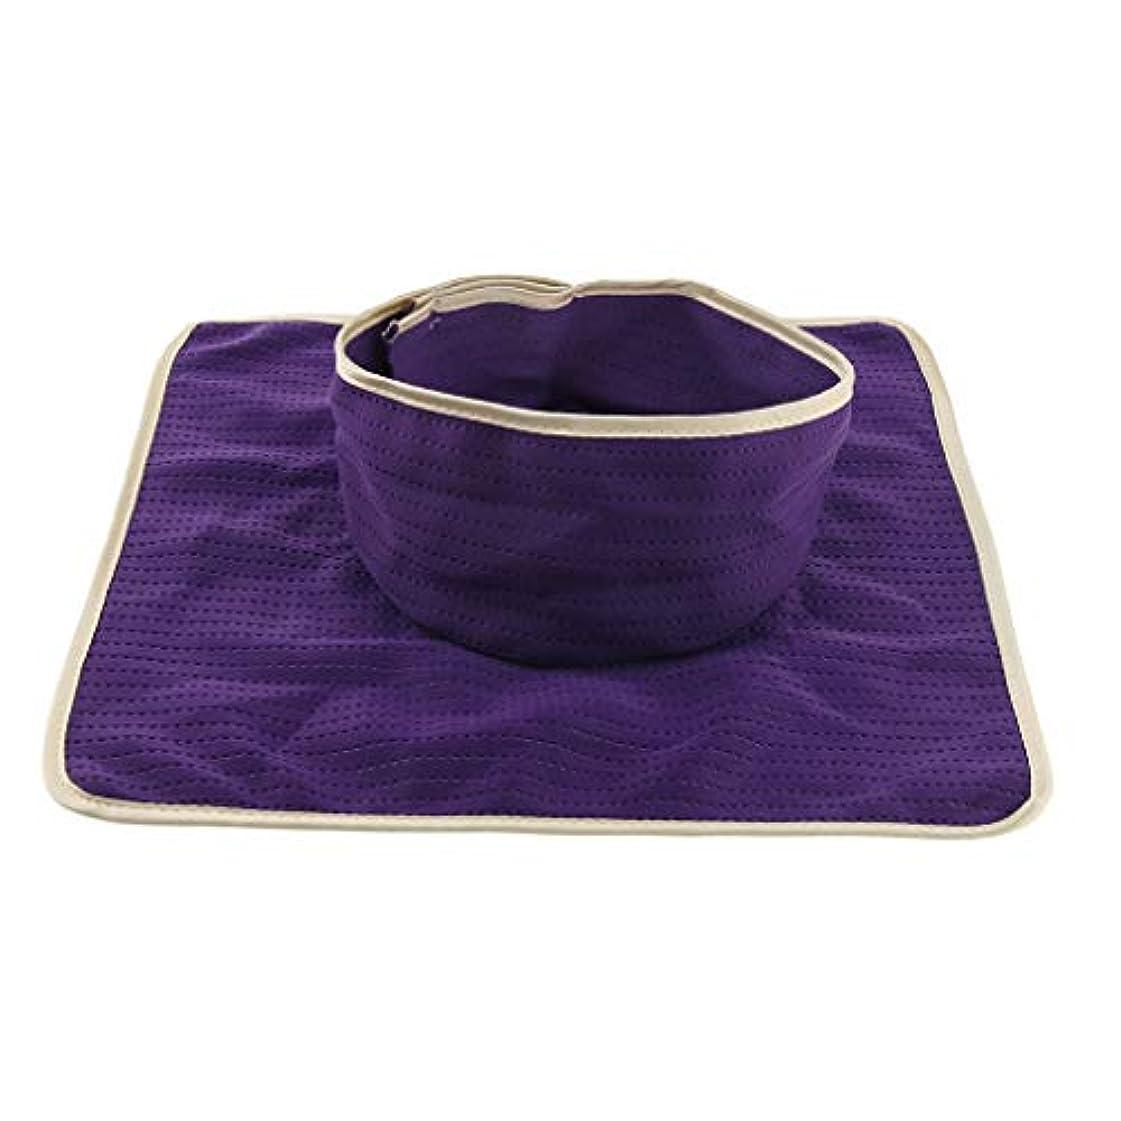 哲学者本を読むフローBaoblaze マッサージのベッド用 パッド マットシート 顔の穴付き 洗える 約35×35cm 全3色 - 紫